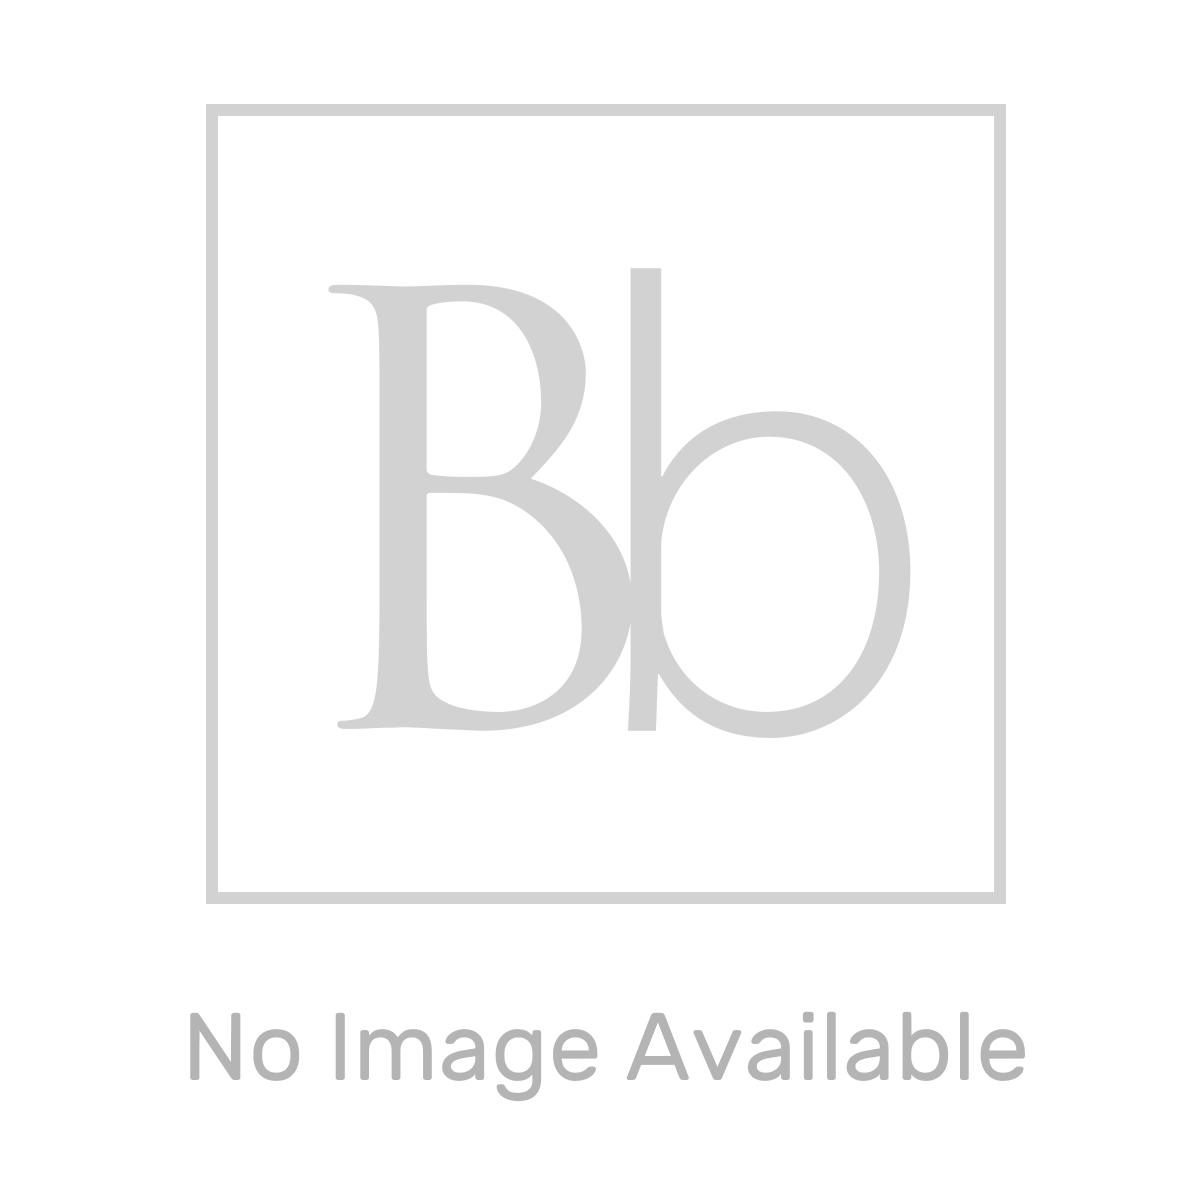 RAK Blade 4 Tap Hole Shower Bath Mixer Tap Measurements